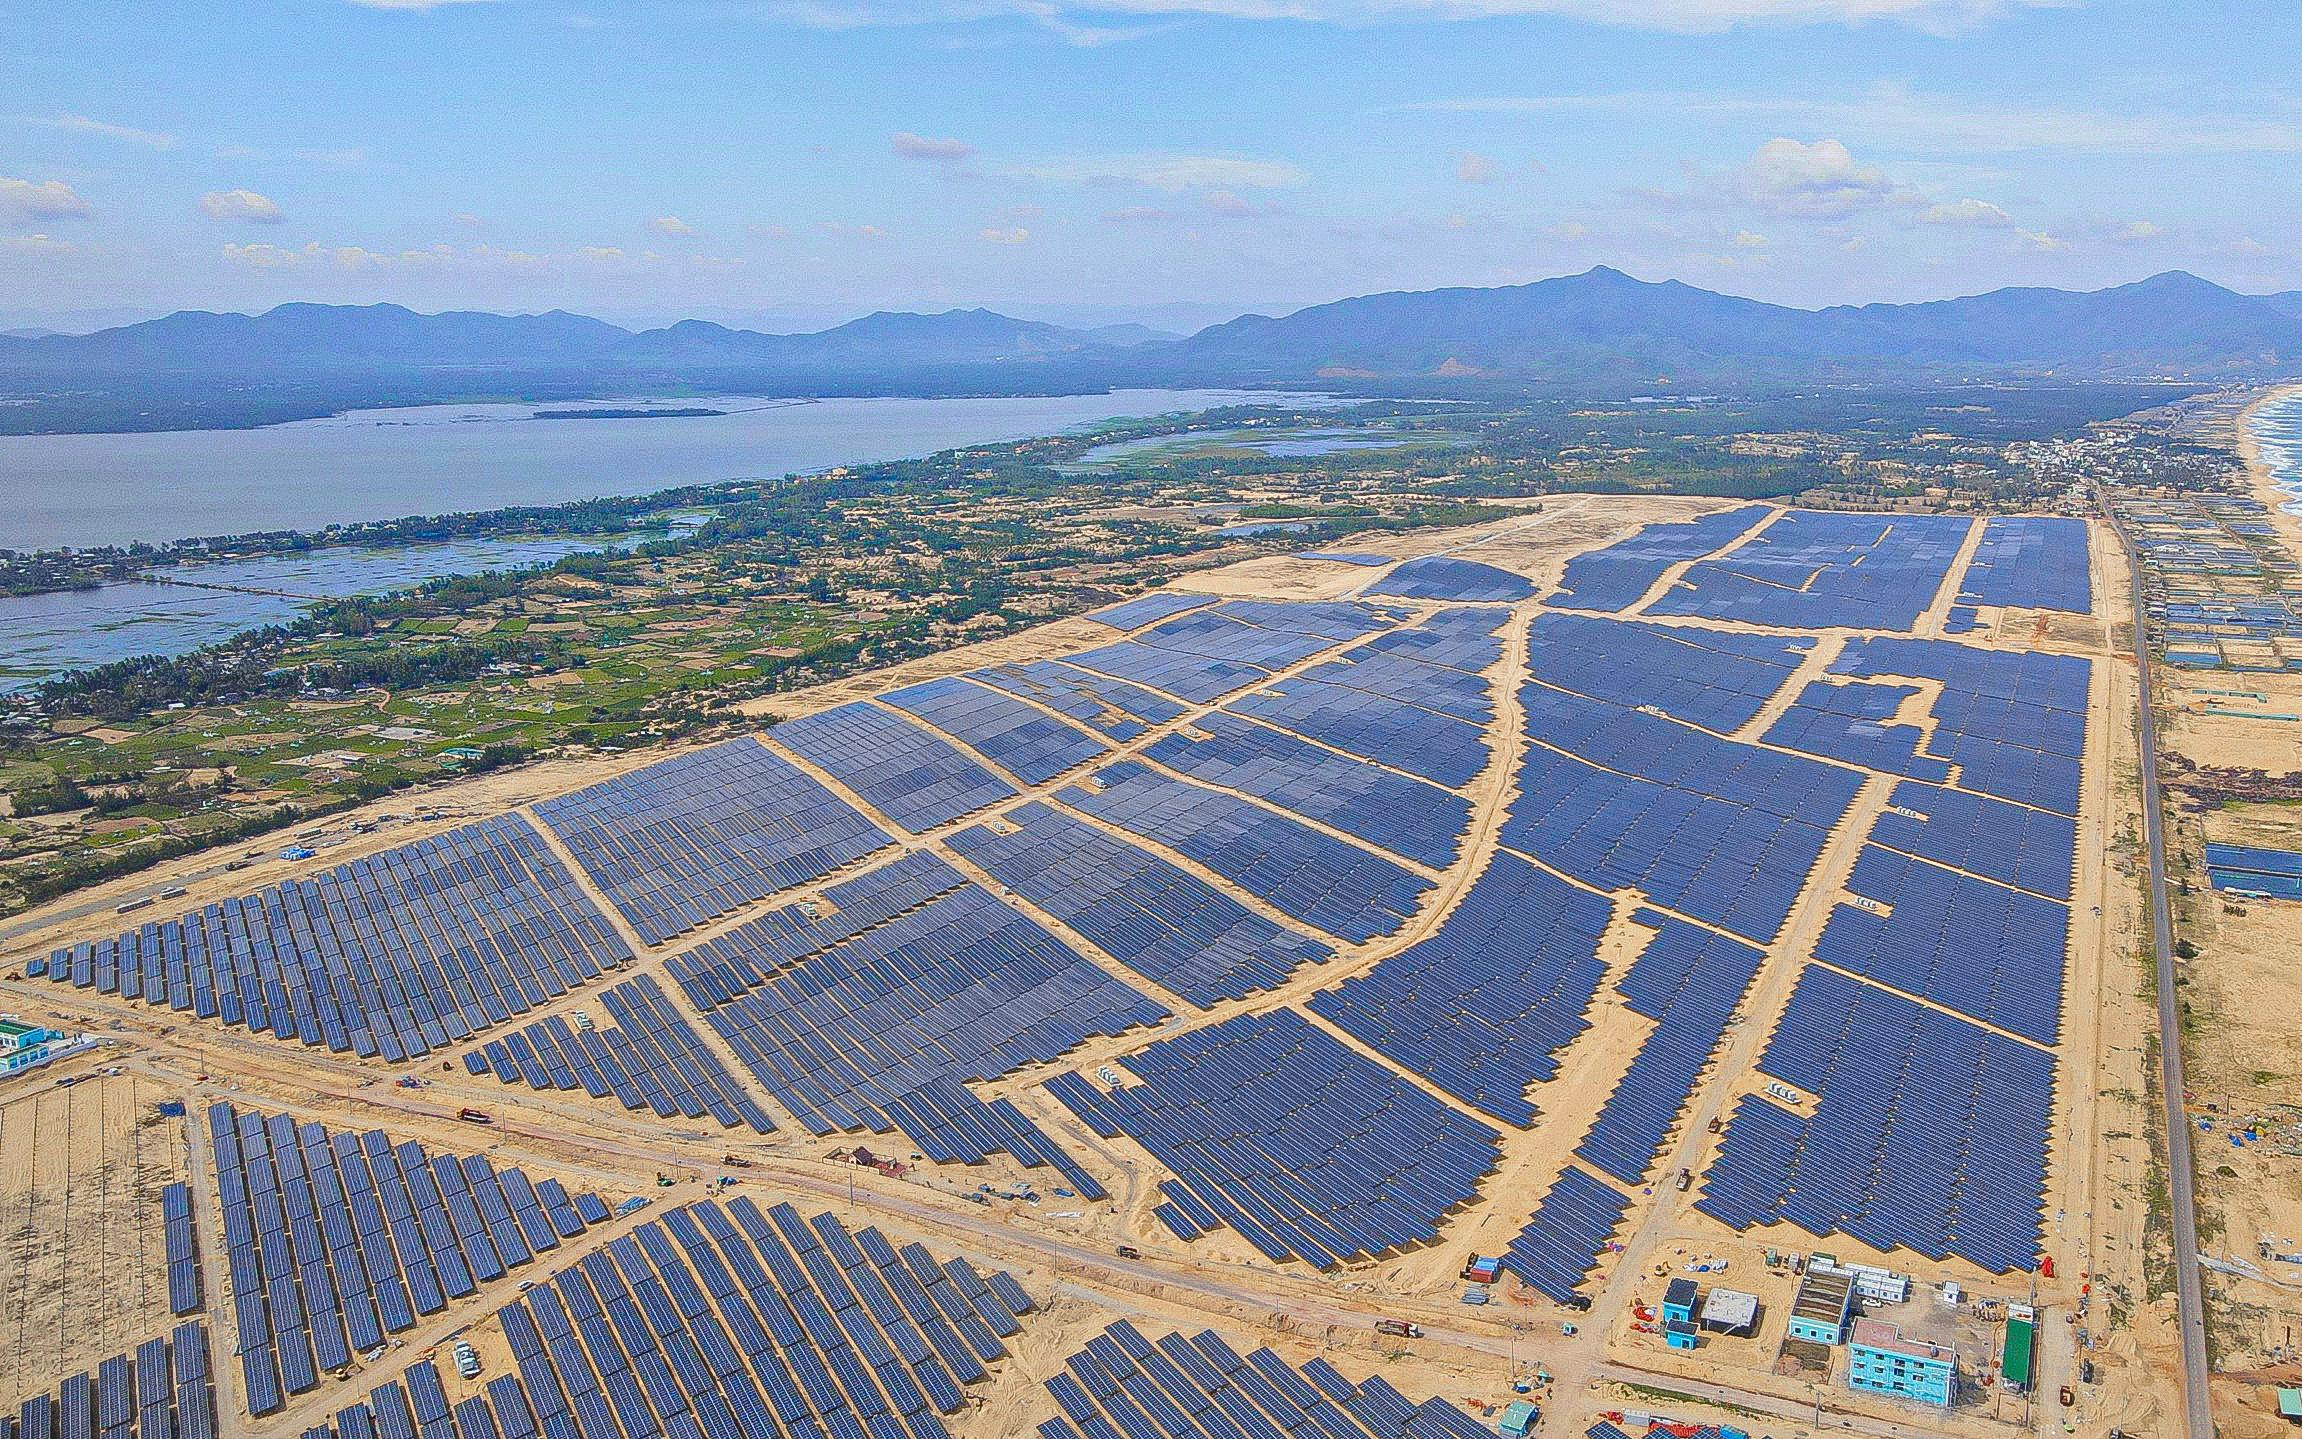 Bamboo Capital (BCG): Năm 2021 tiếp tục M&A các dự án tiềm năng, trình kế hoạch lợi nhuận tăng 203% lên 806 tỷ đồng